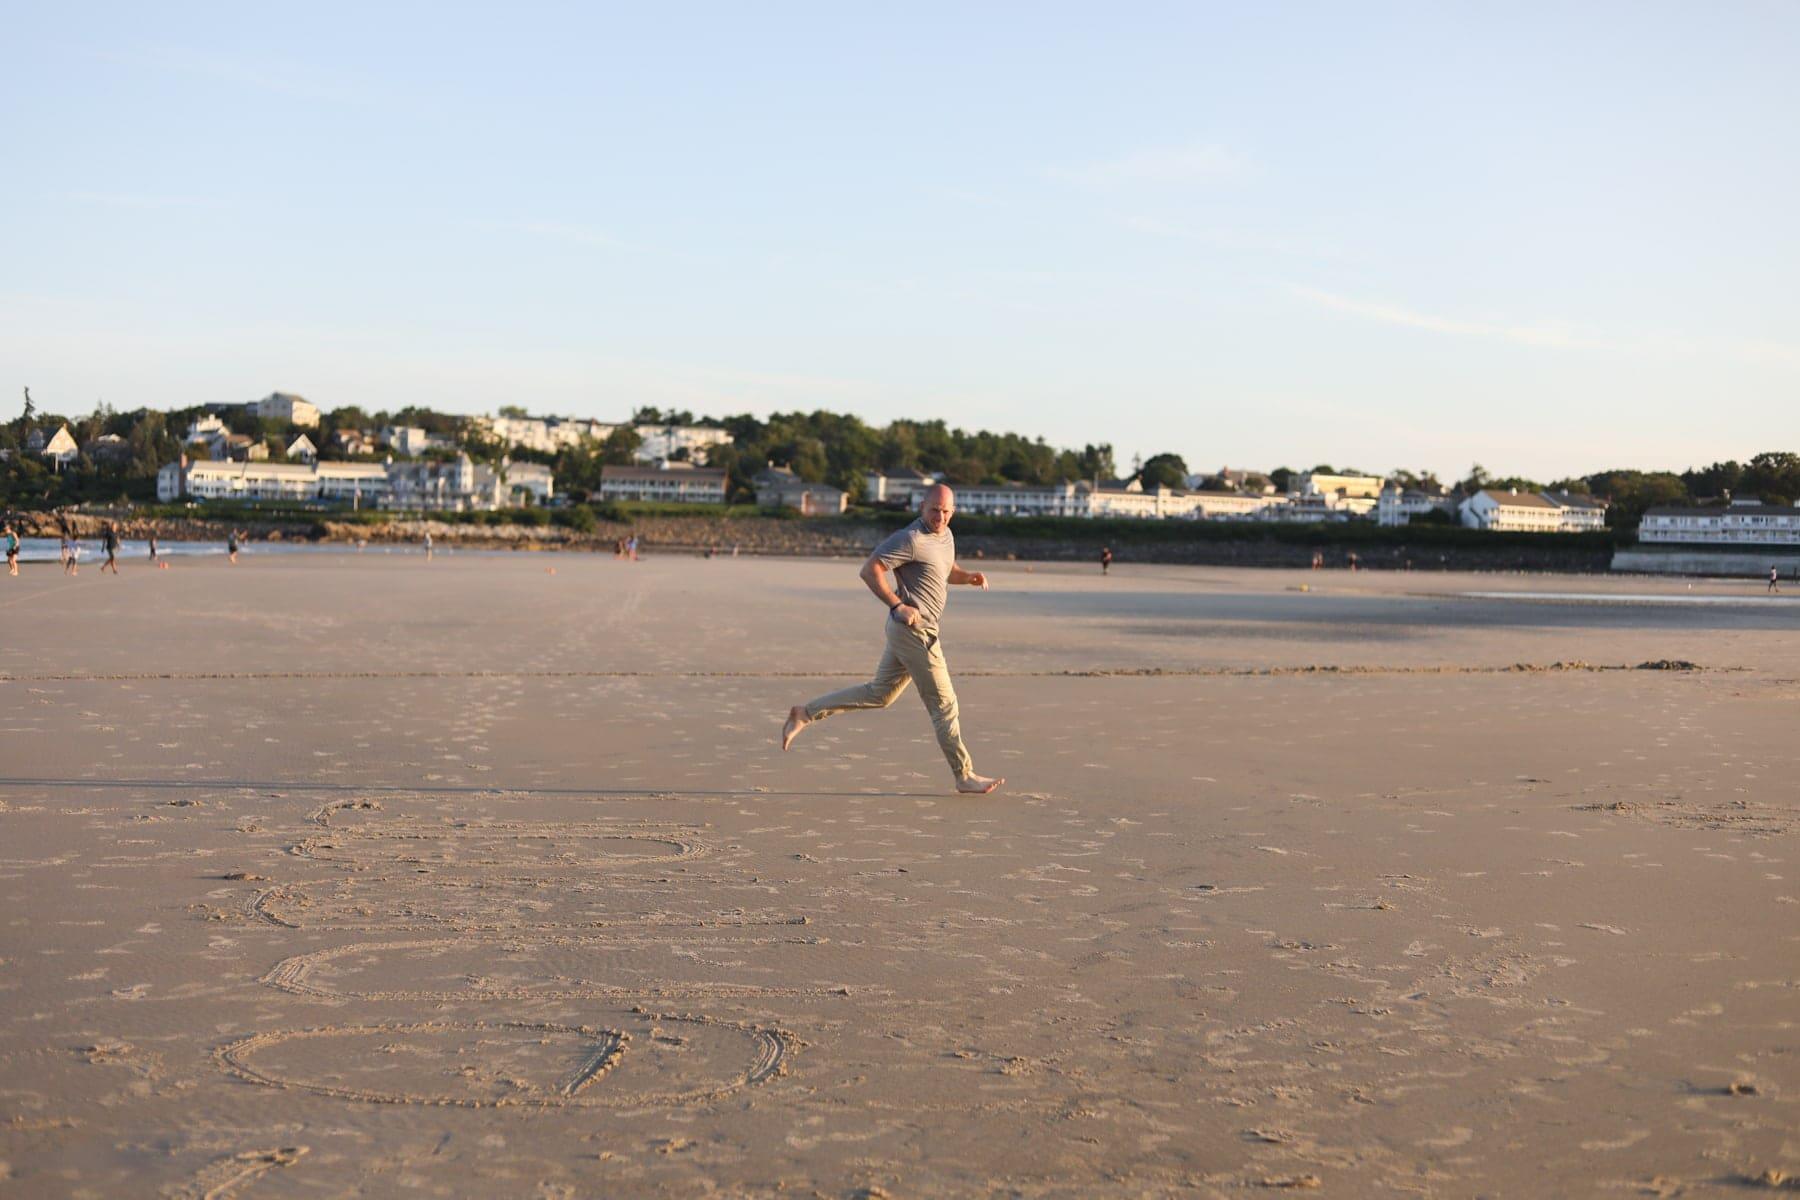 Gordon running on the beach